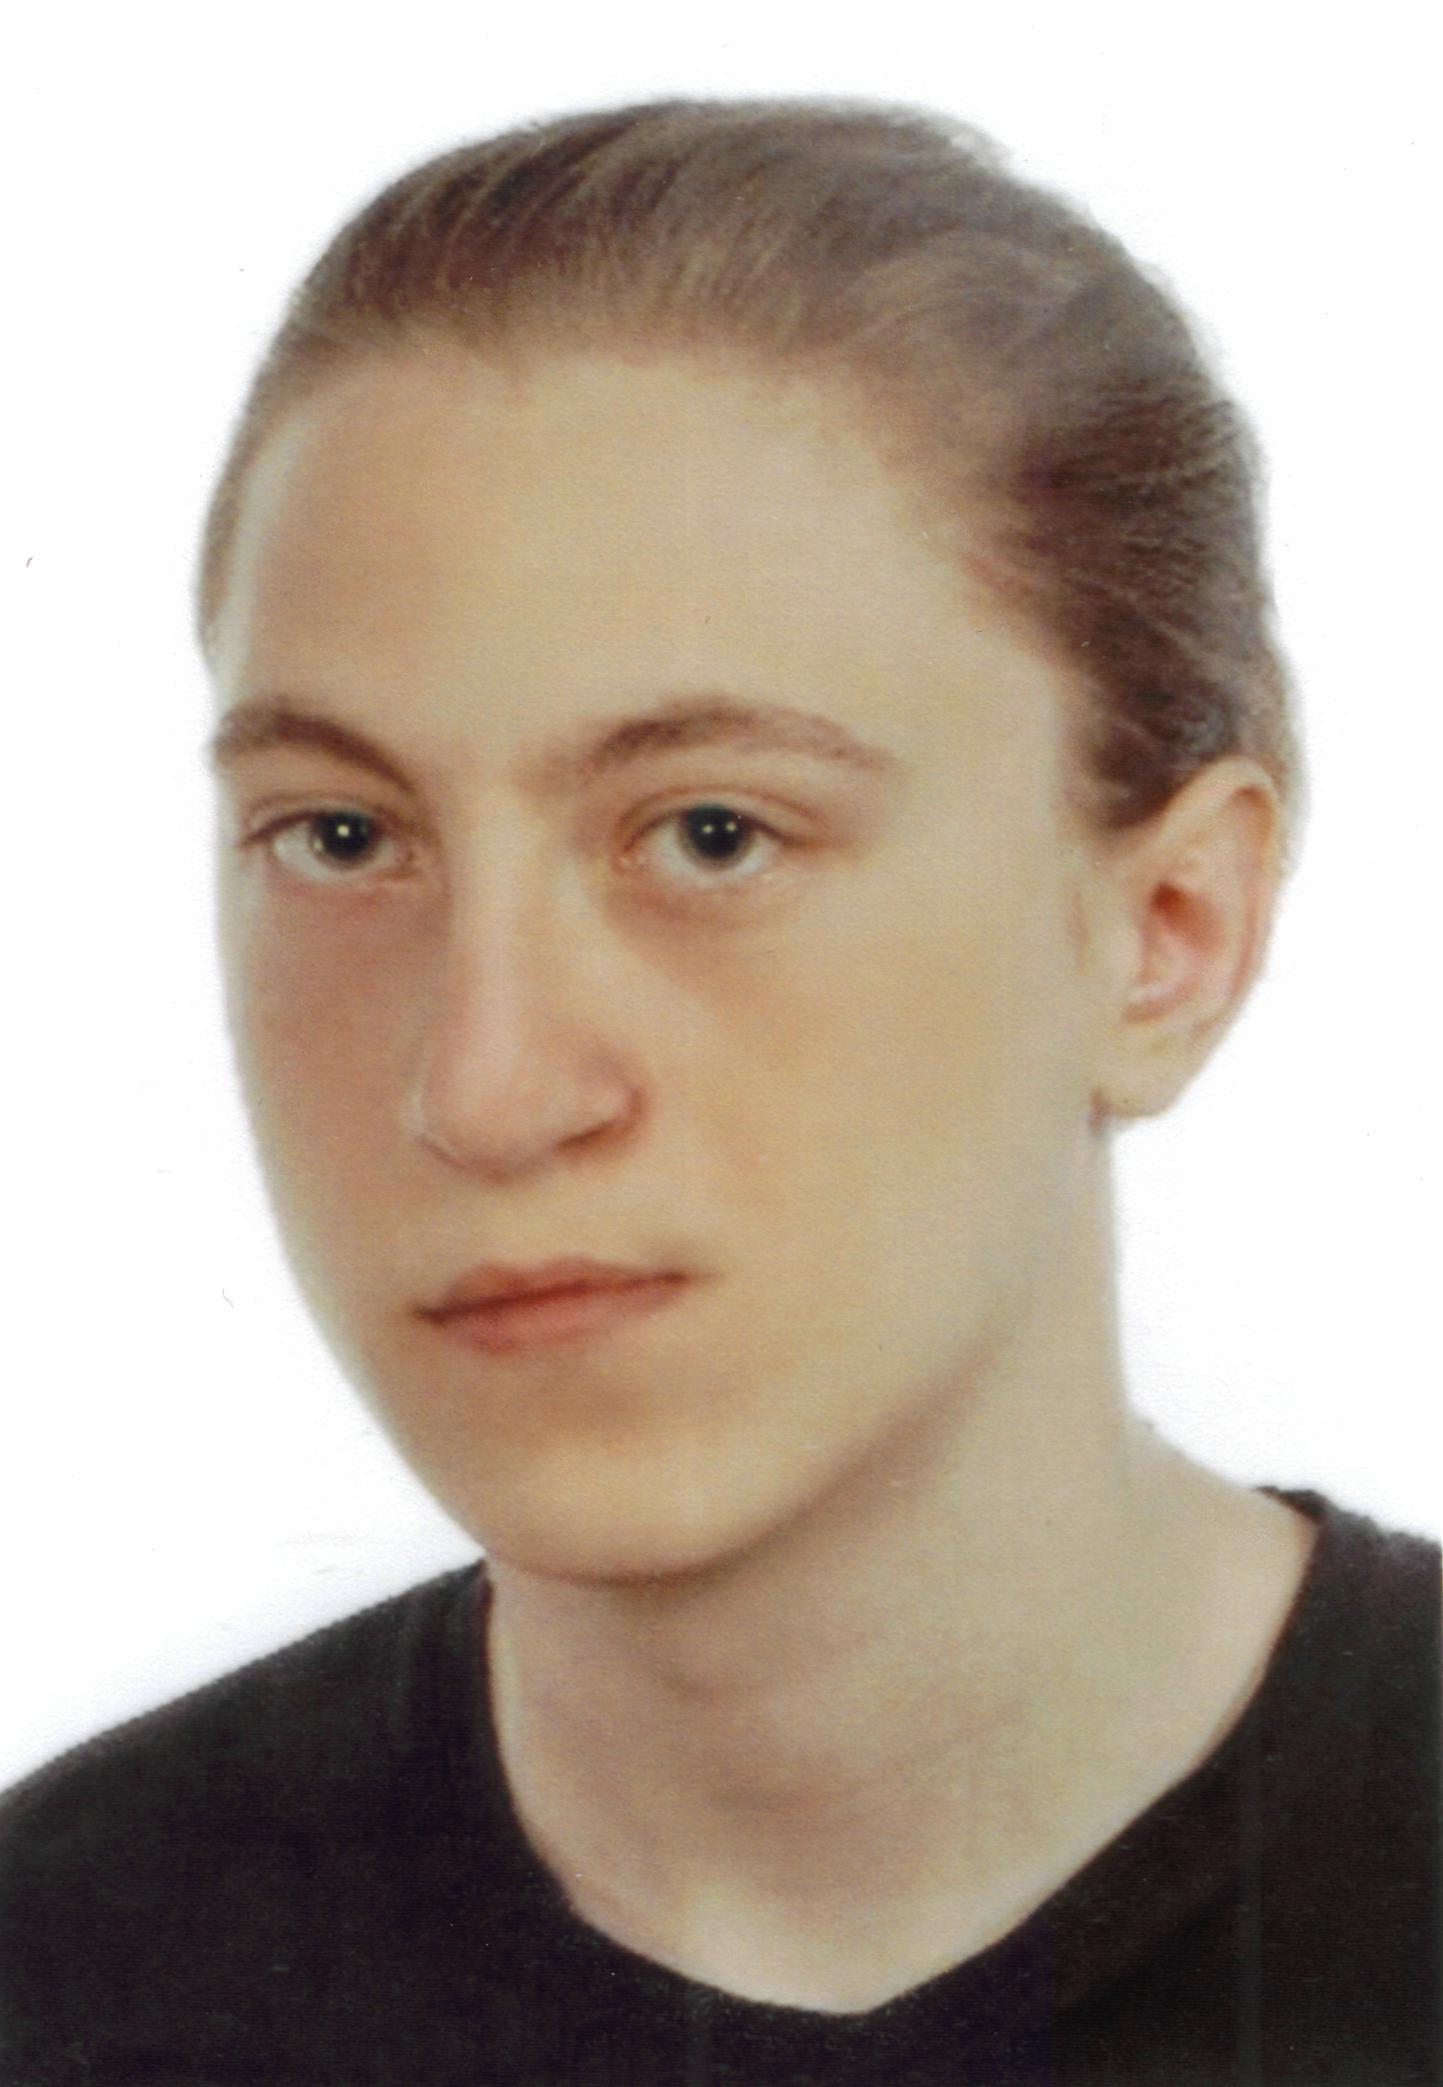 Ktokolwiek widział, ktokolwiek wie: Julian Abramczuk ? Lecki zaginął 29 lutego 2012 roku w Zakopanem